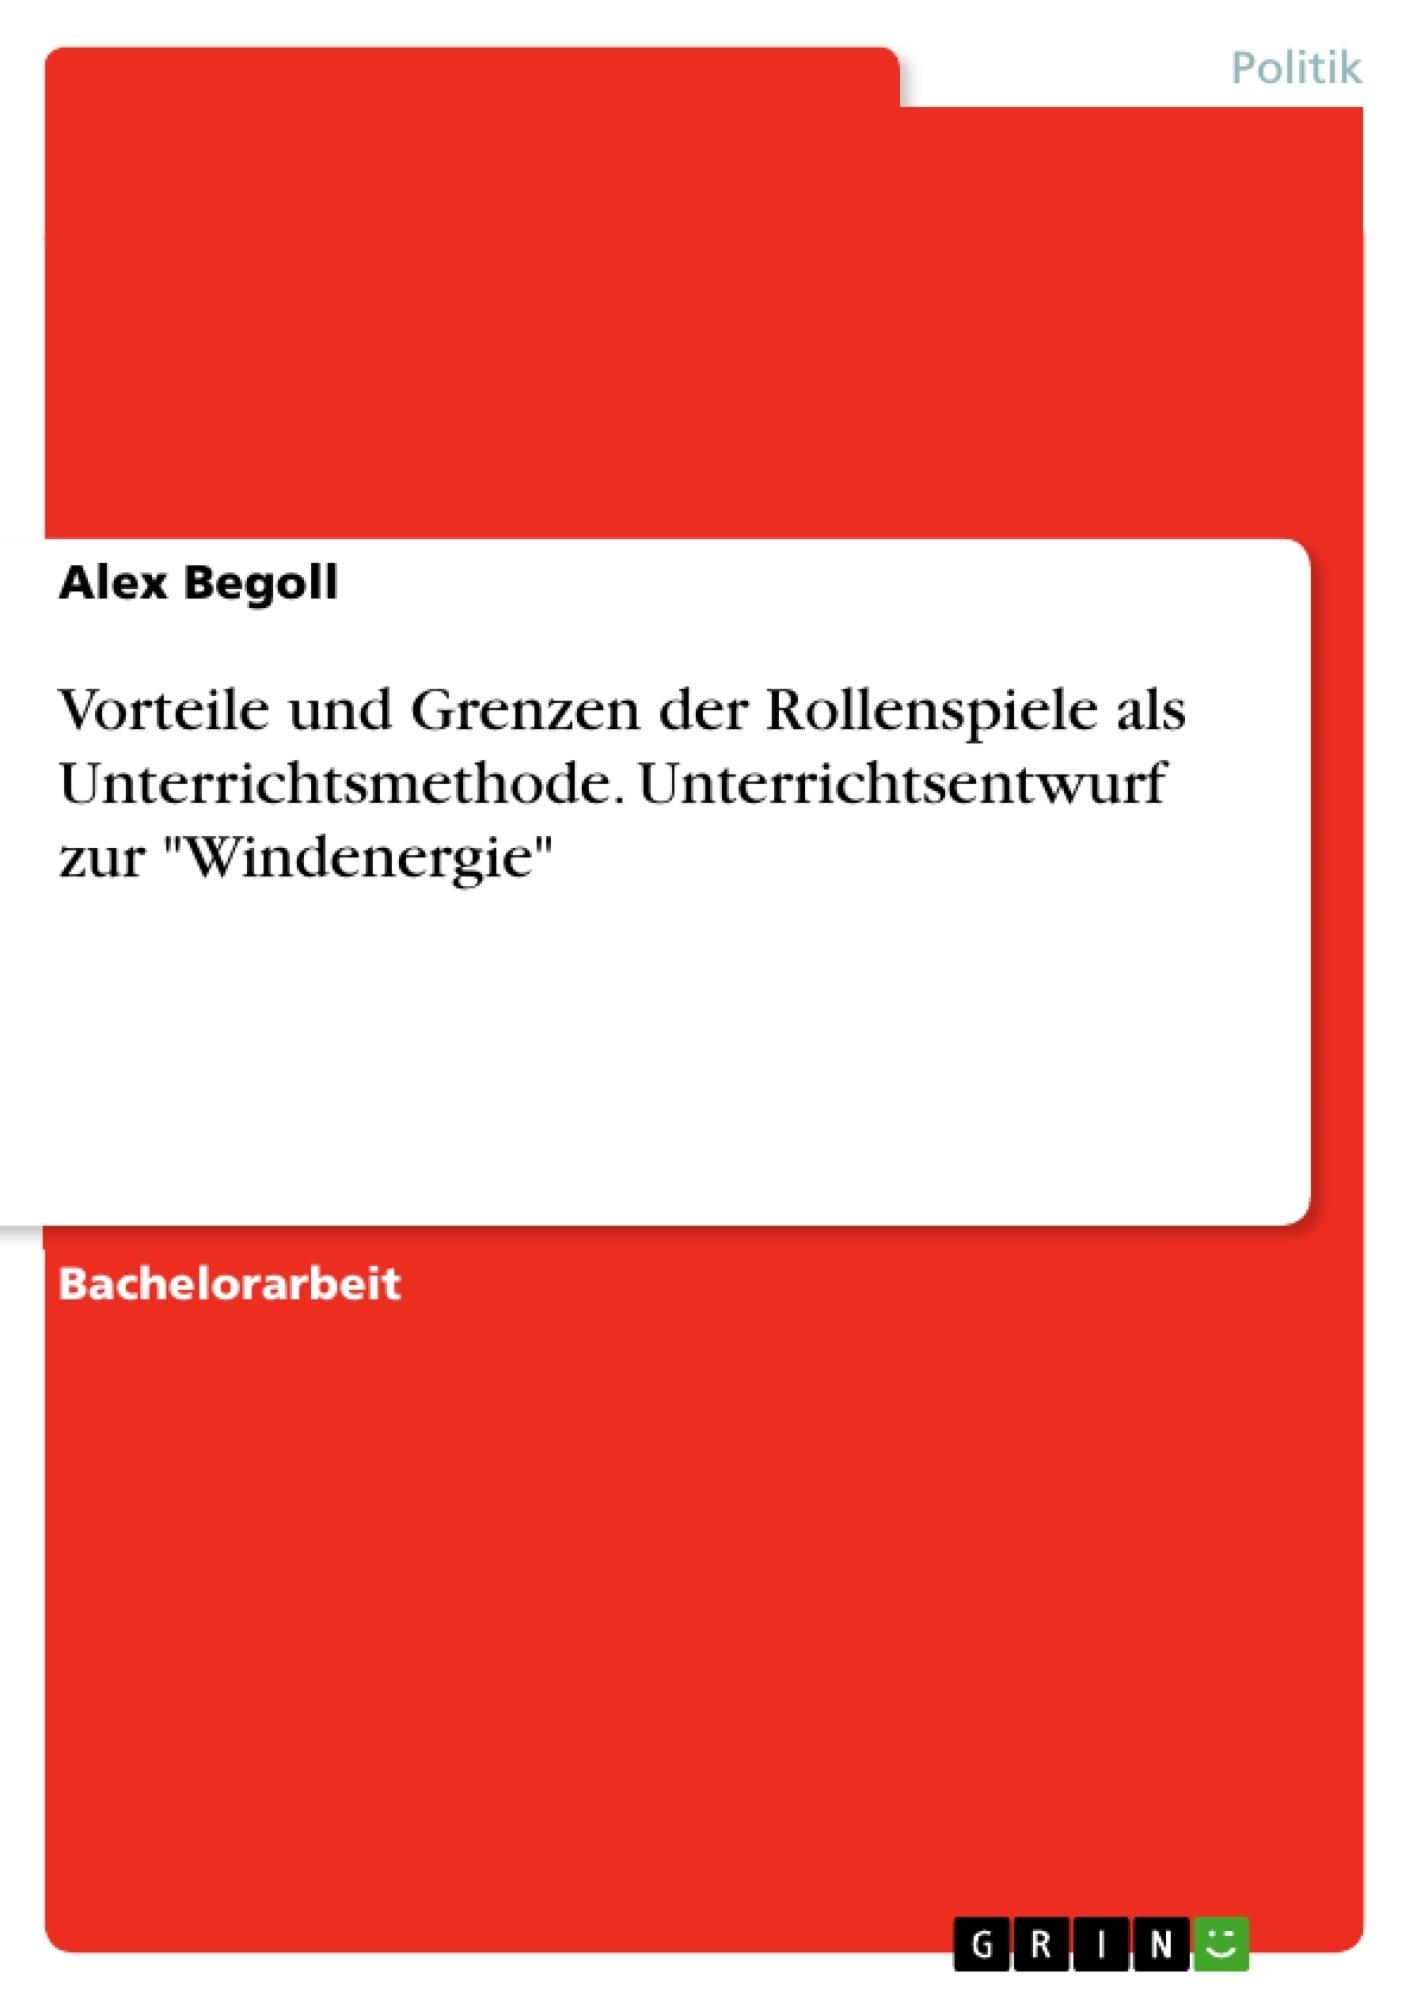 """Titel: Vorteile und Grenzen der Rollenspiele als Unterrichtsmethode. Unterrichtsentwurf zur """"Windenergie"""""""